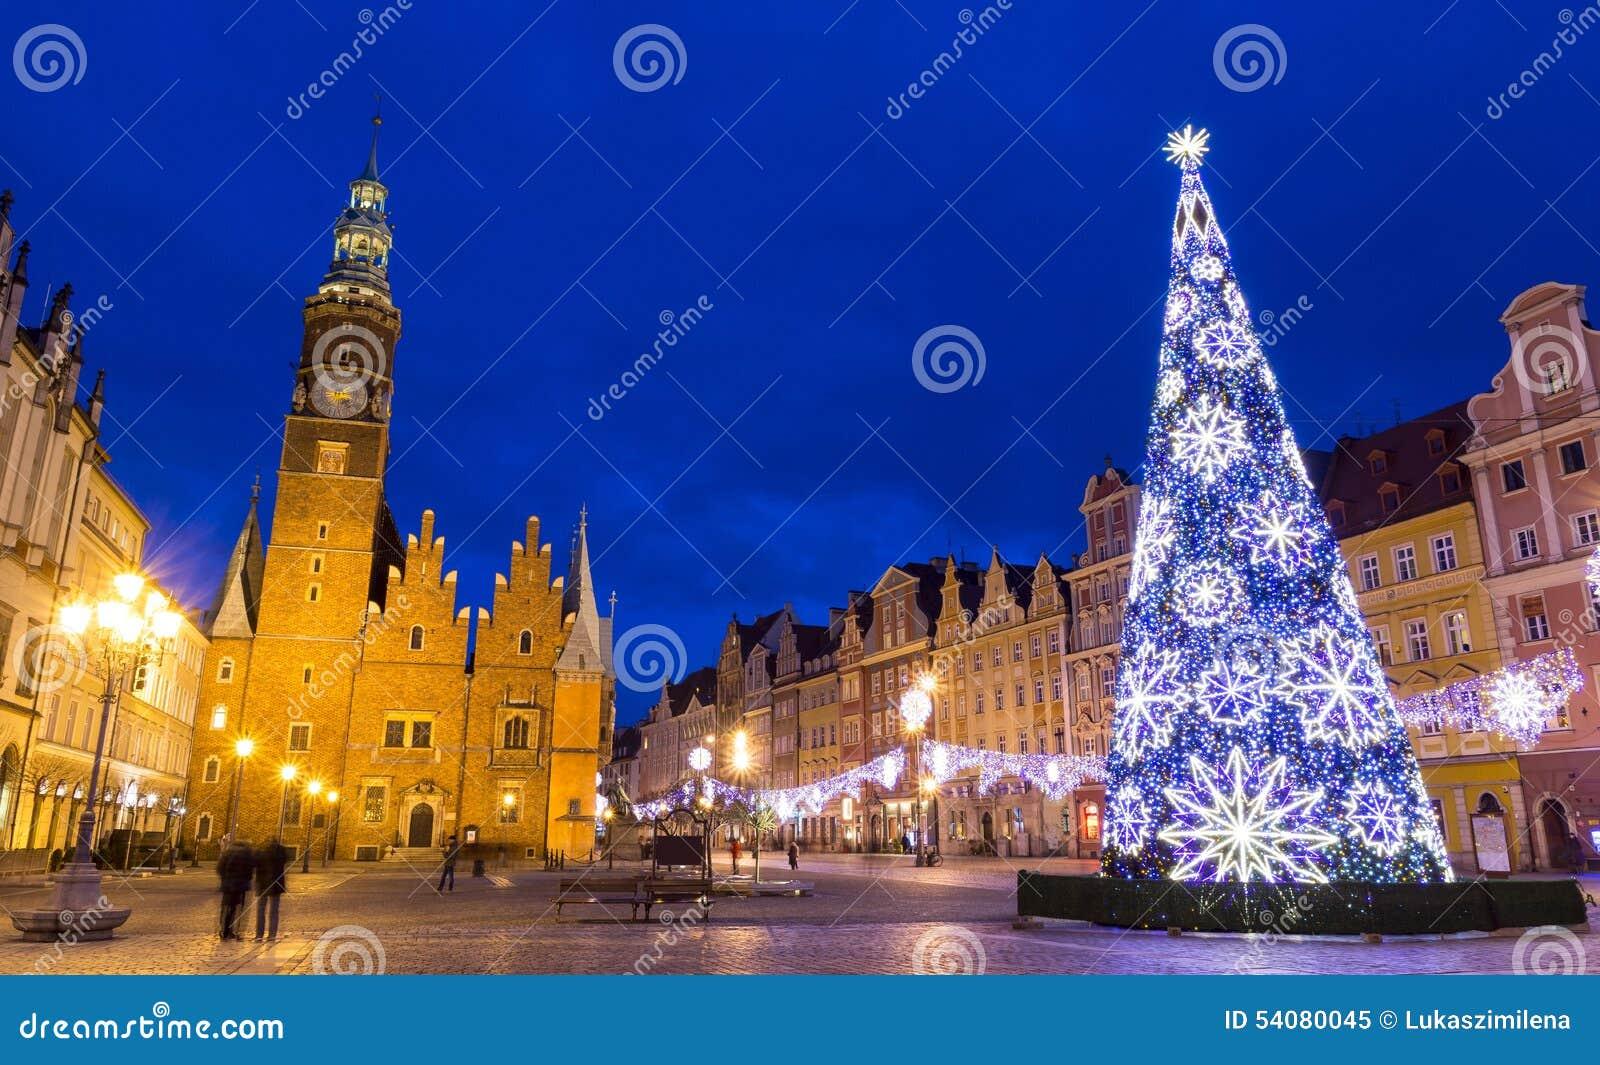 Kerstmis in Wroclaw bij nacht, Polen